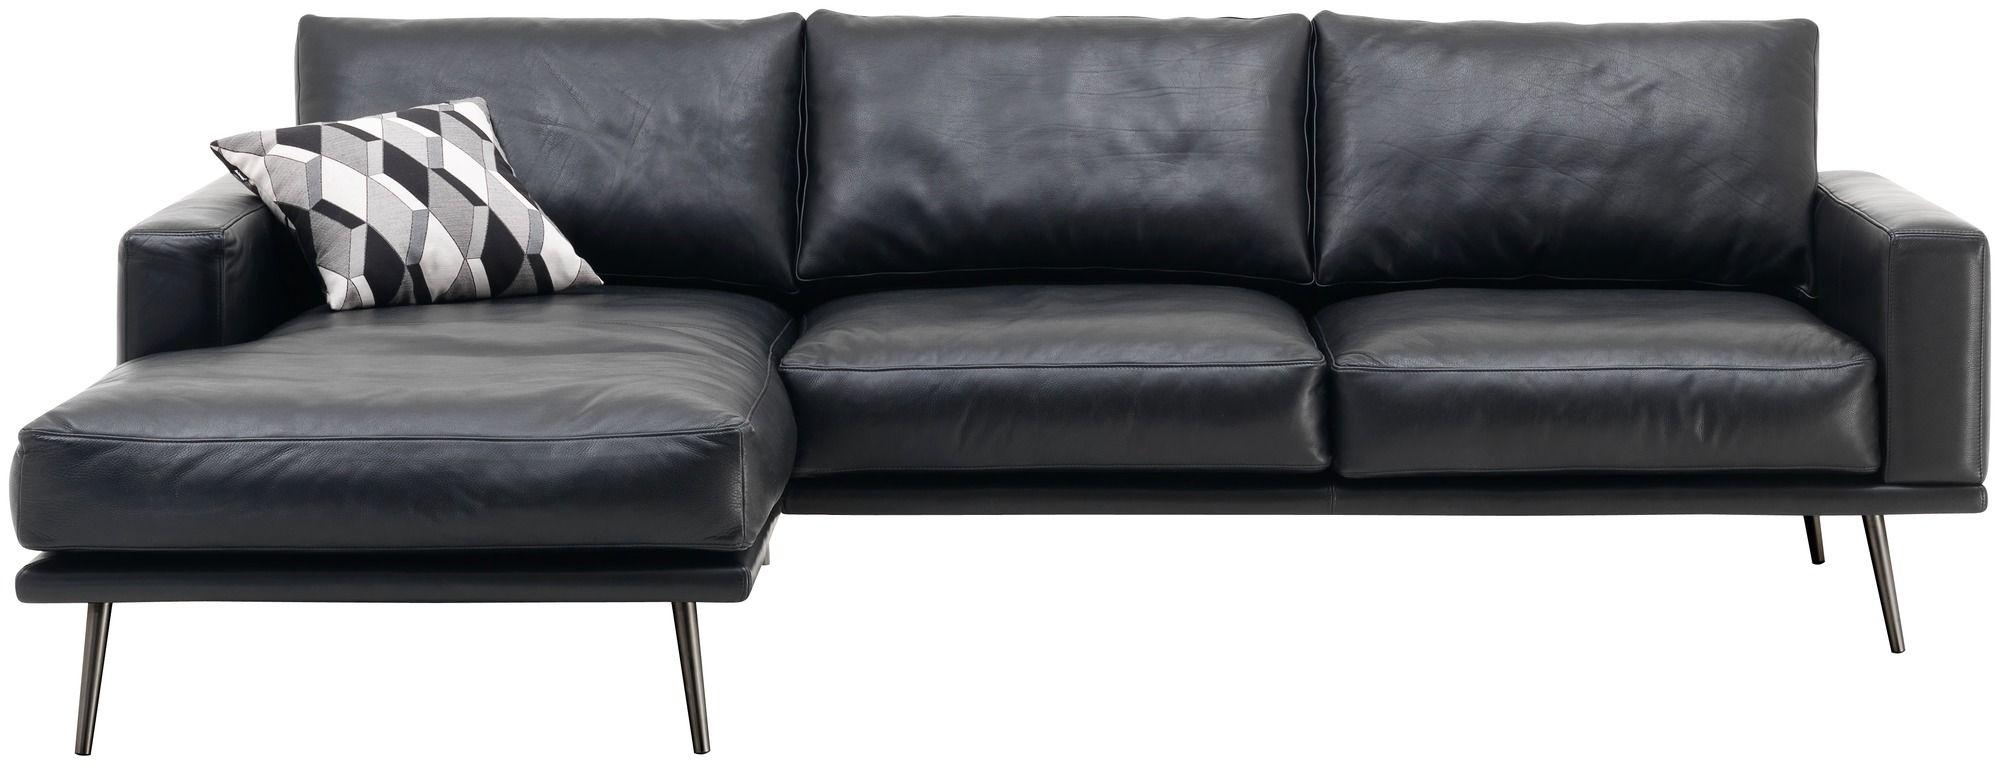 boconcept carlton sofa - design sofa - qualität von boconcept, Wohnzimmer dekoo